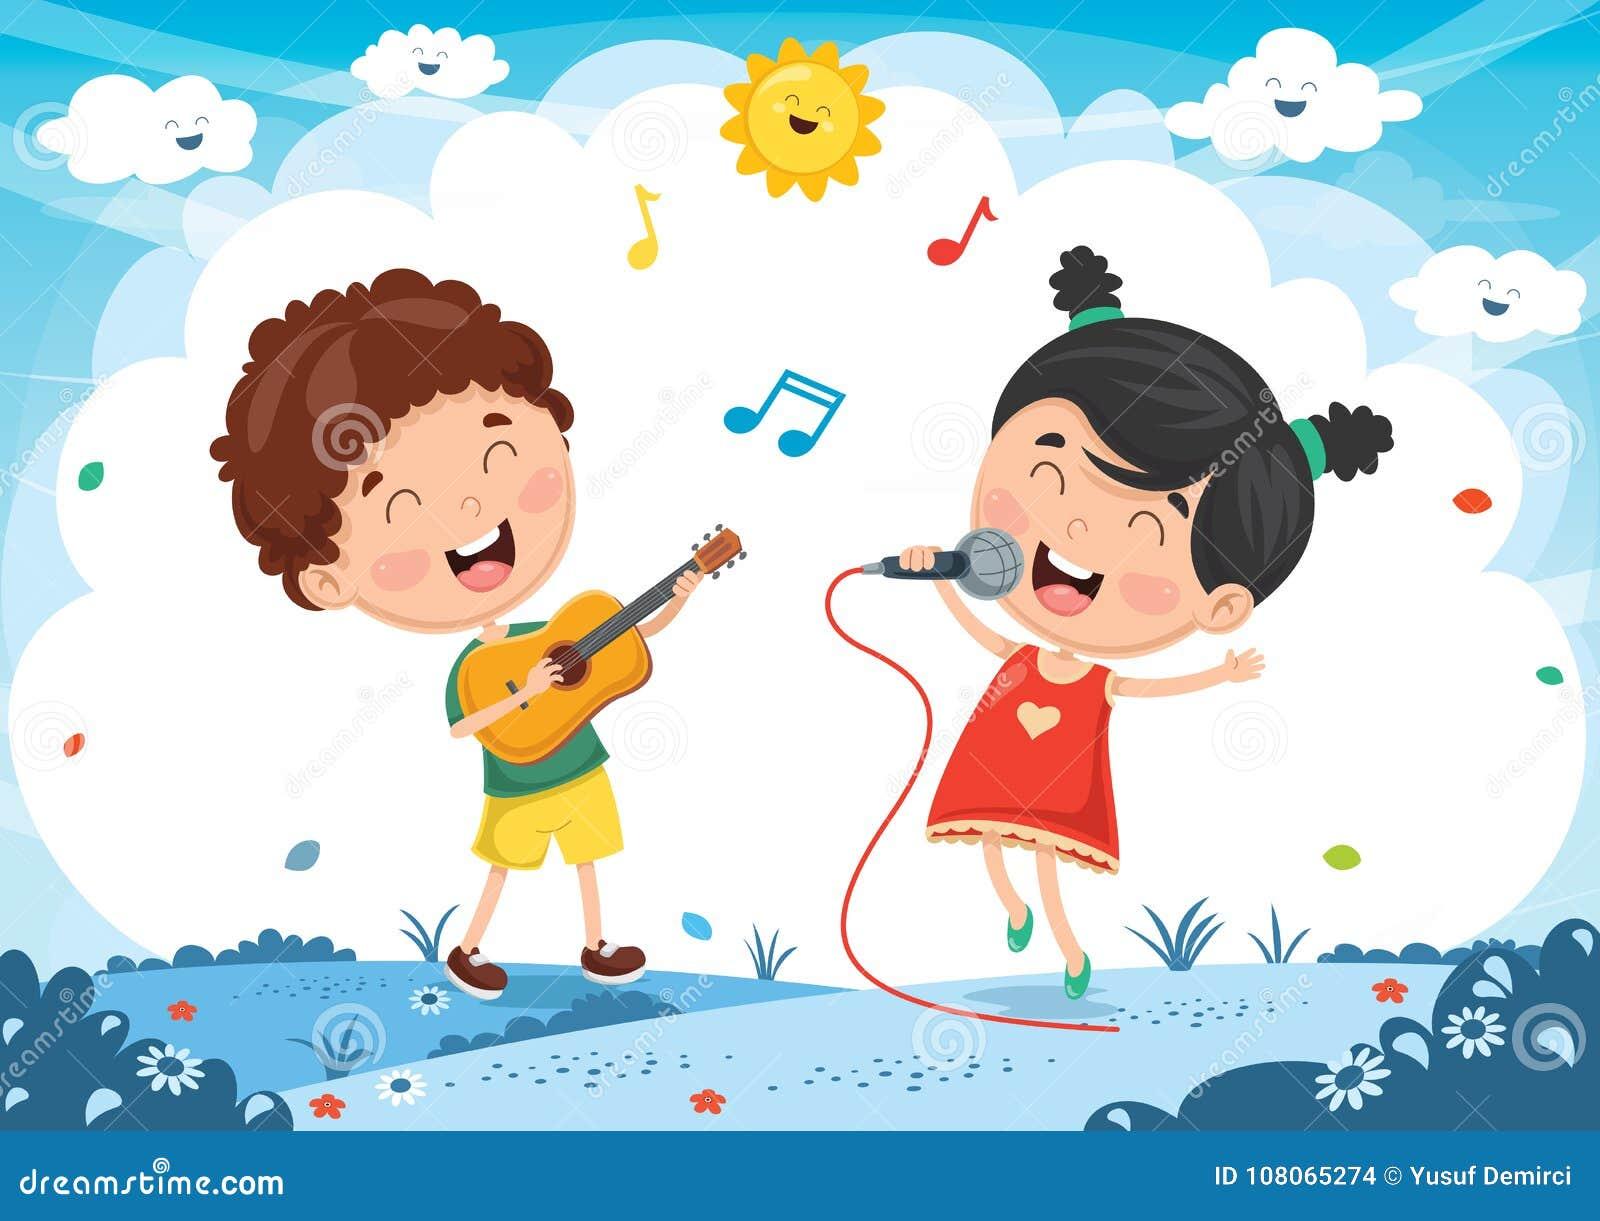 演奏音乐和唱歌的孩子的传染媒介例证